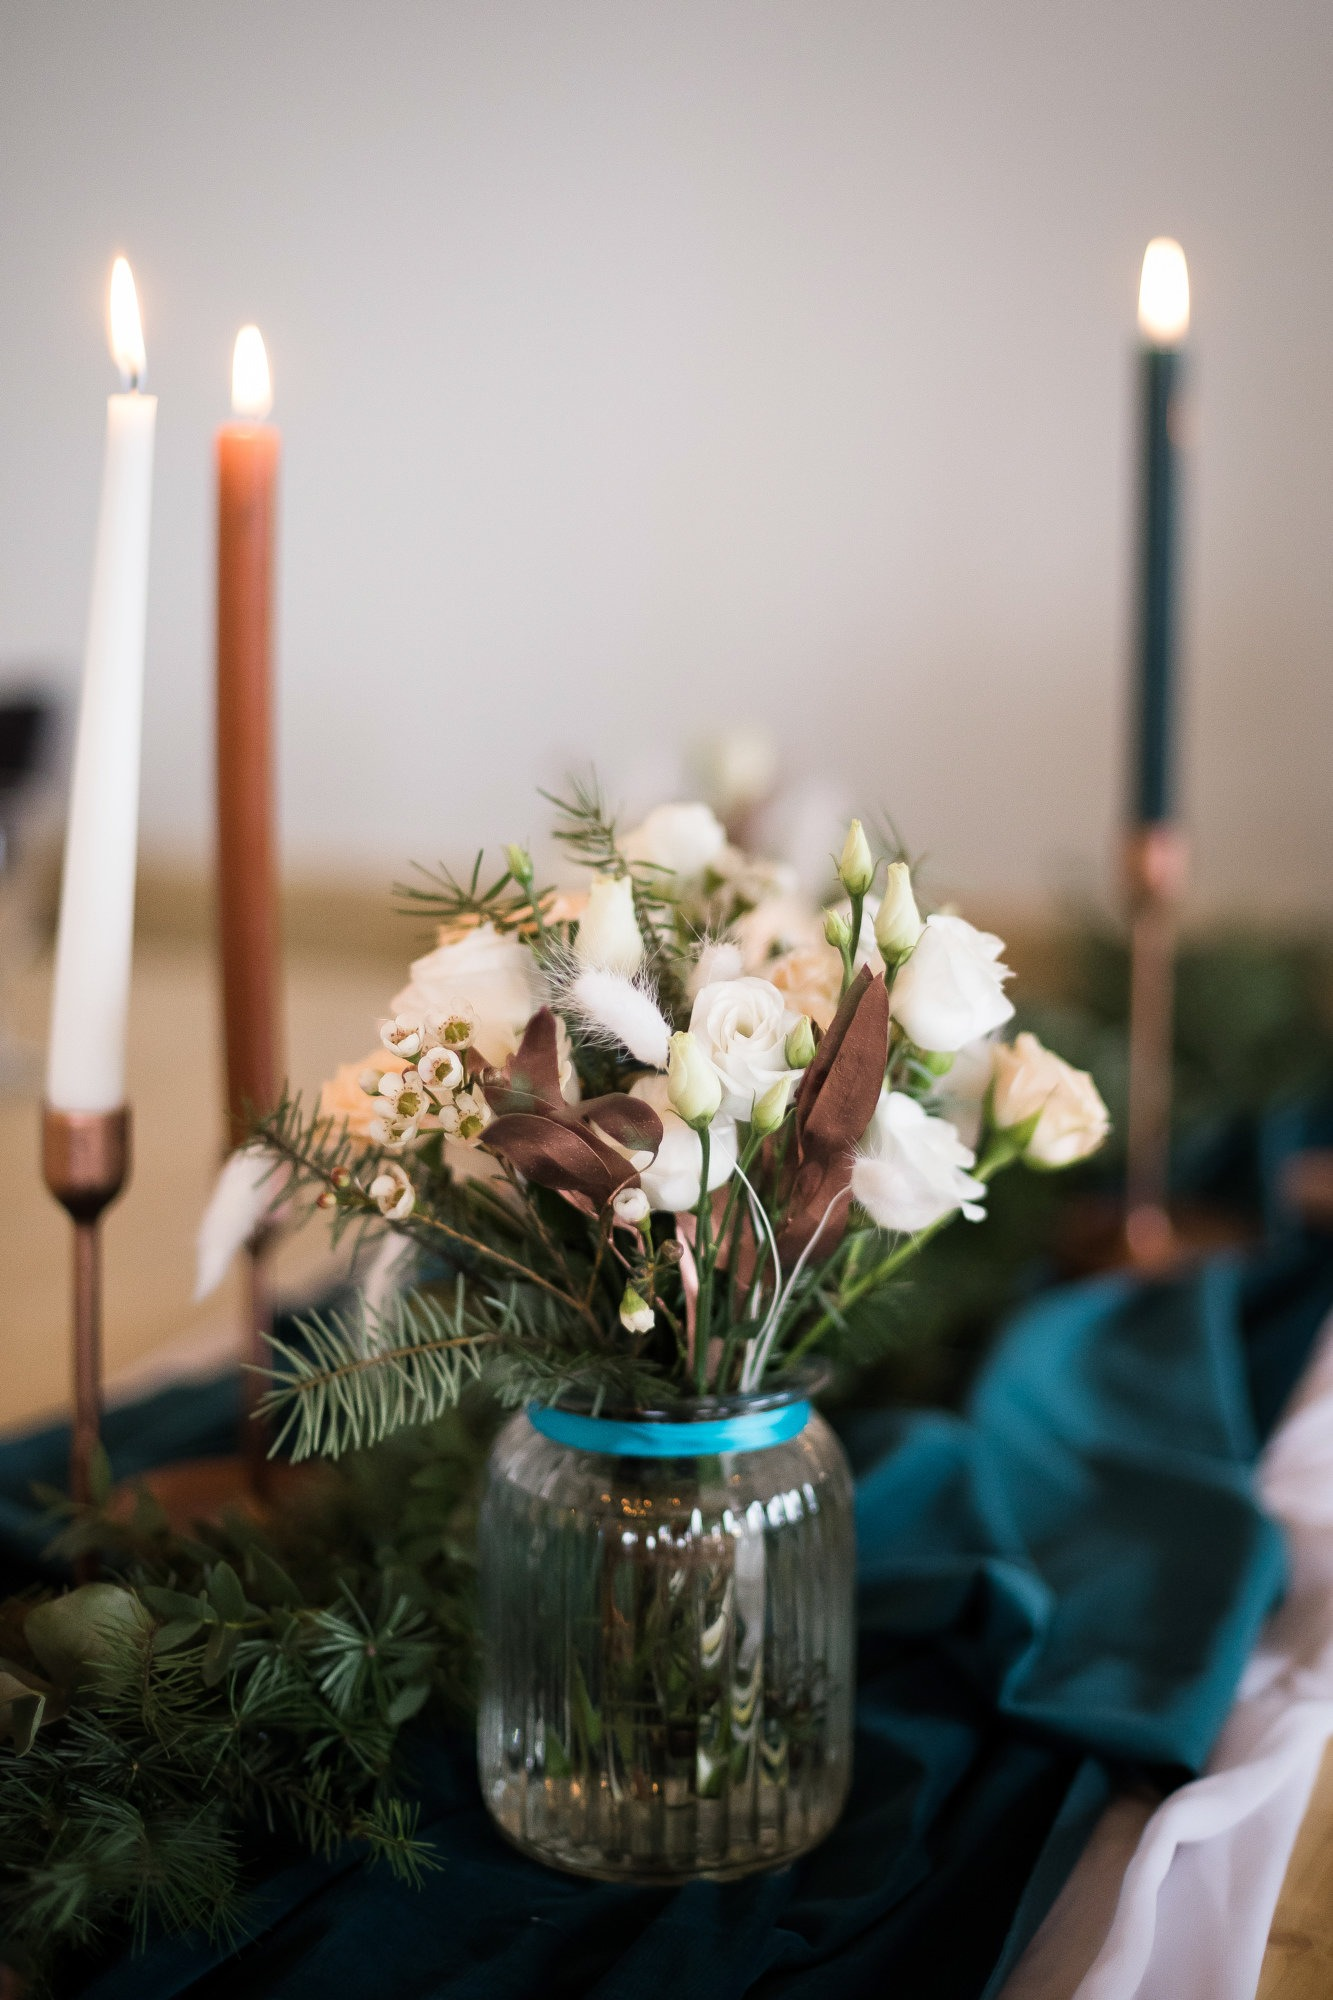 un mariage d'hiver - elopement enneigé - les moments wedding planner lyon